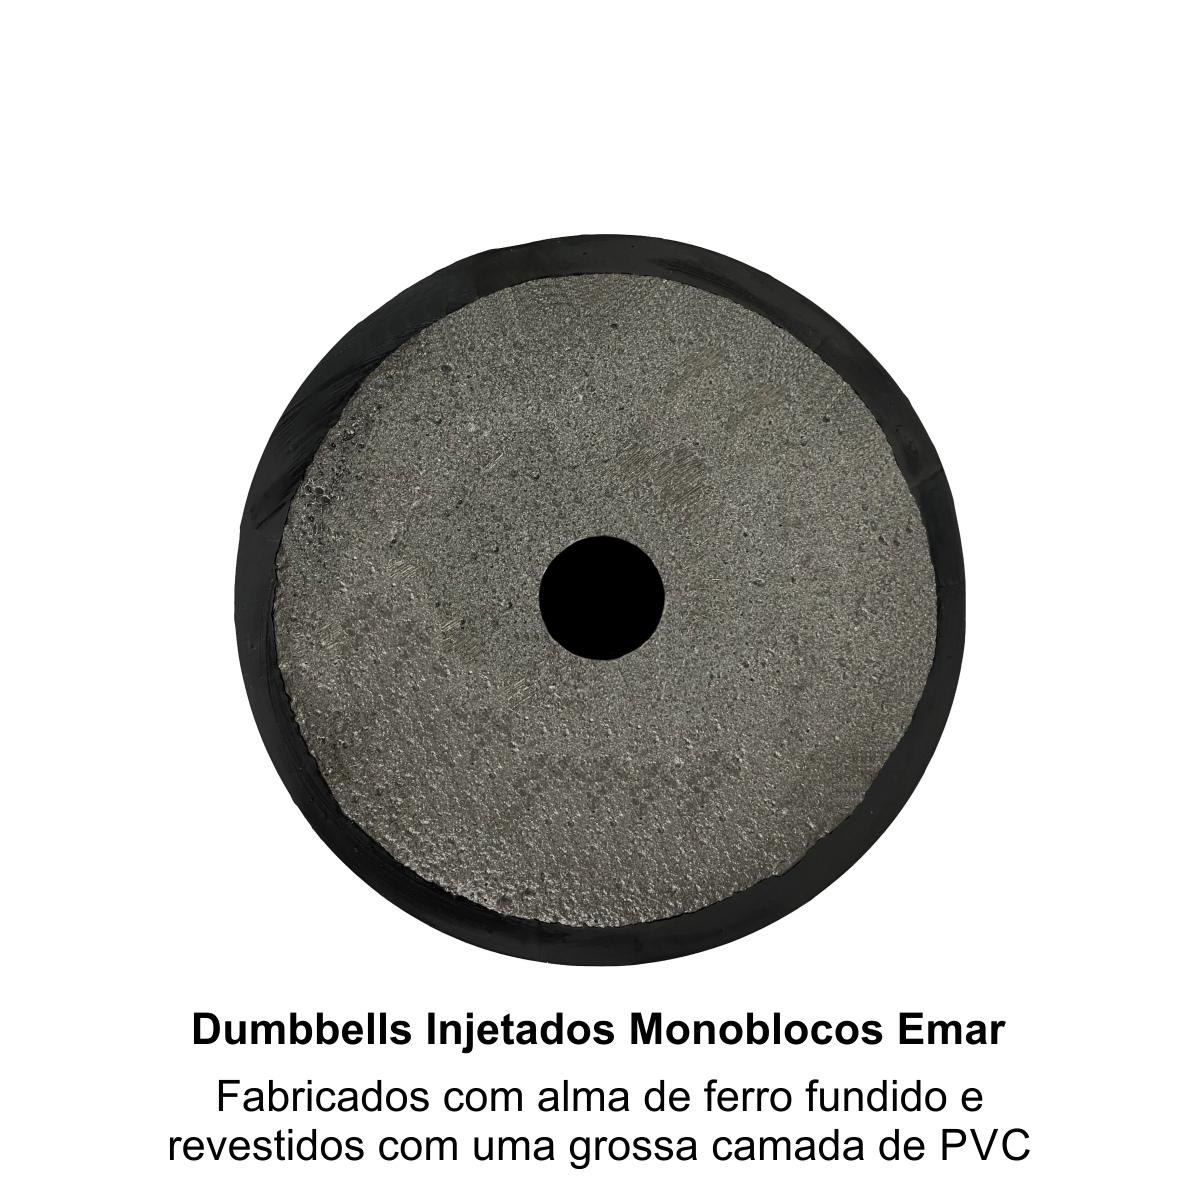 kit com 2 Dumbbells Injetados Monoblocos Revestidos com Grossa Camada de PVC